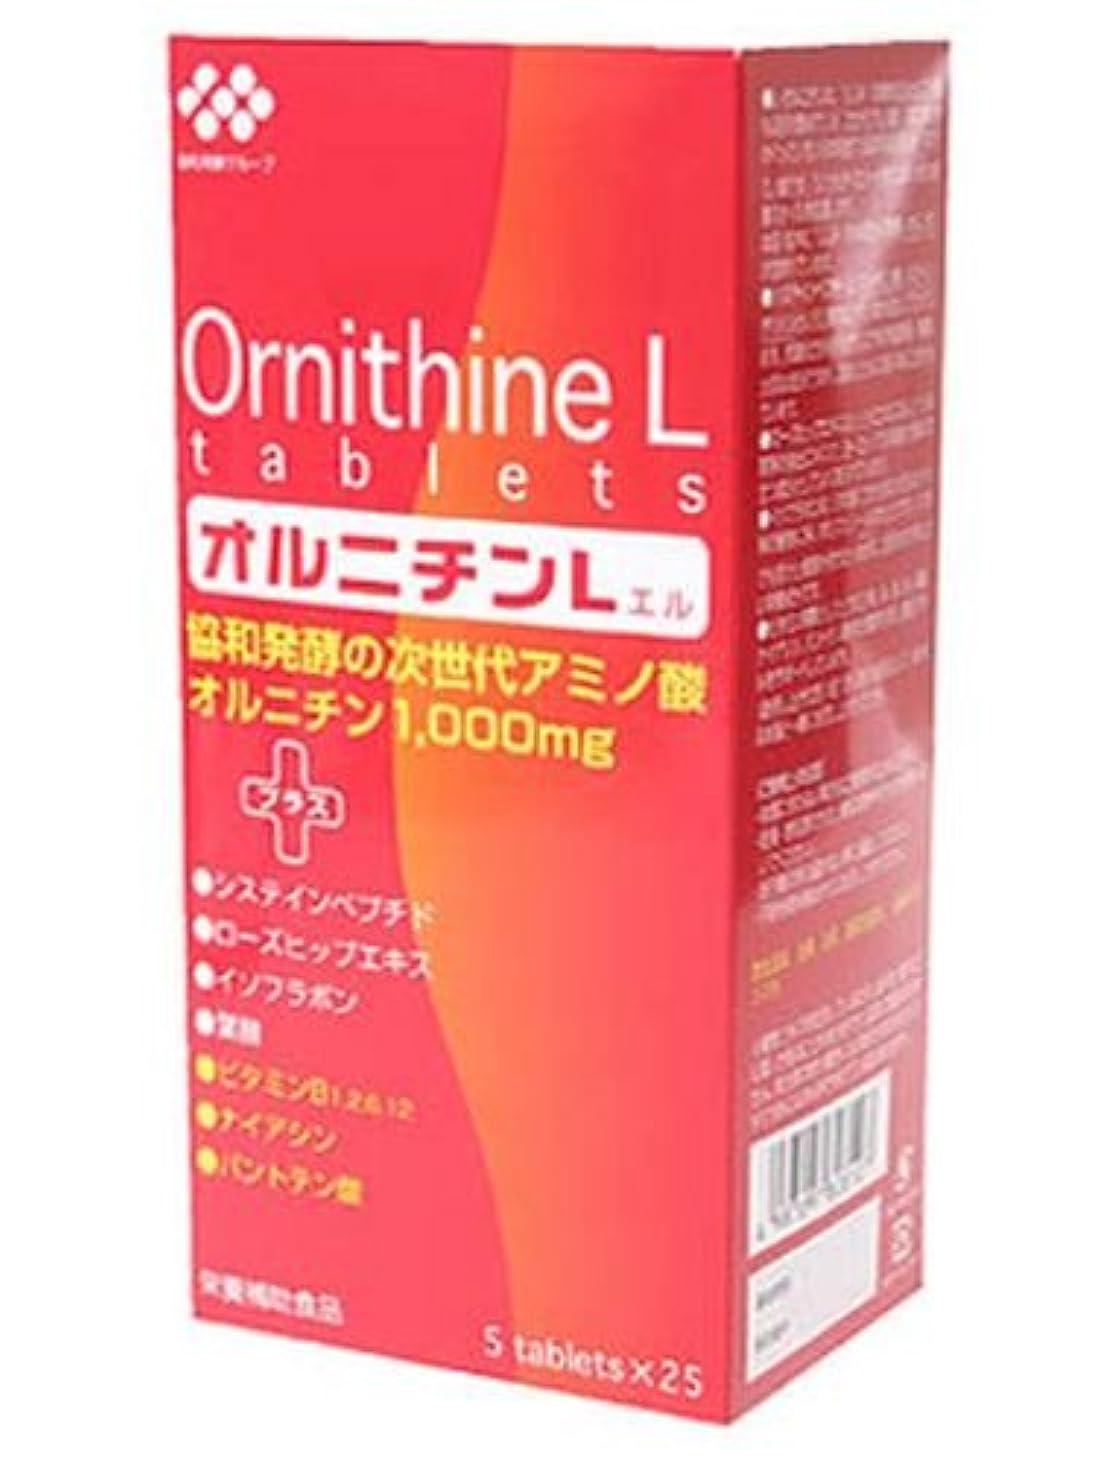 肘掛け椅子真鍮流す伸和製薬 オルニチンL 5粒×25袋入